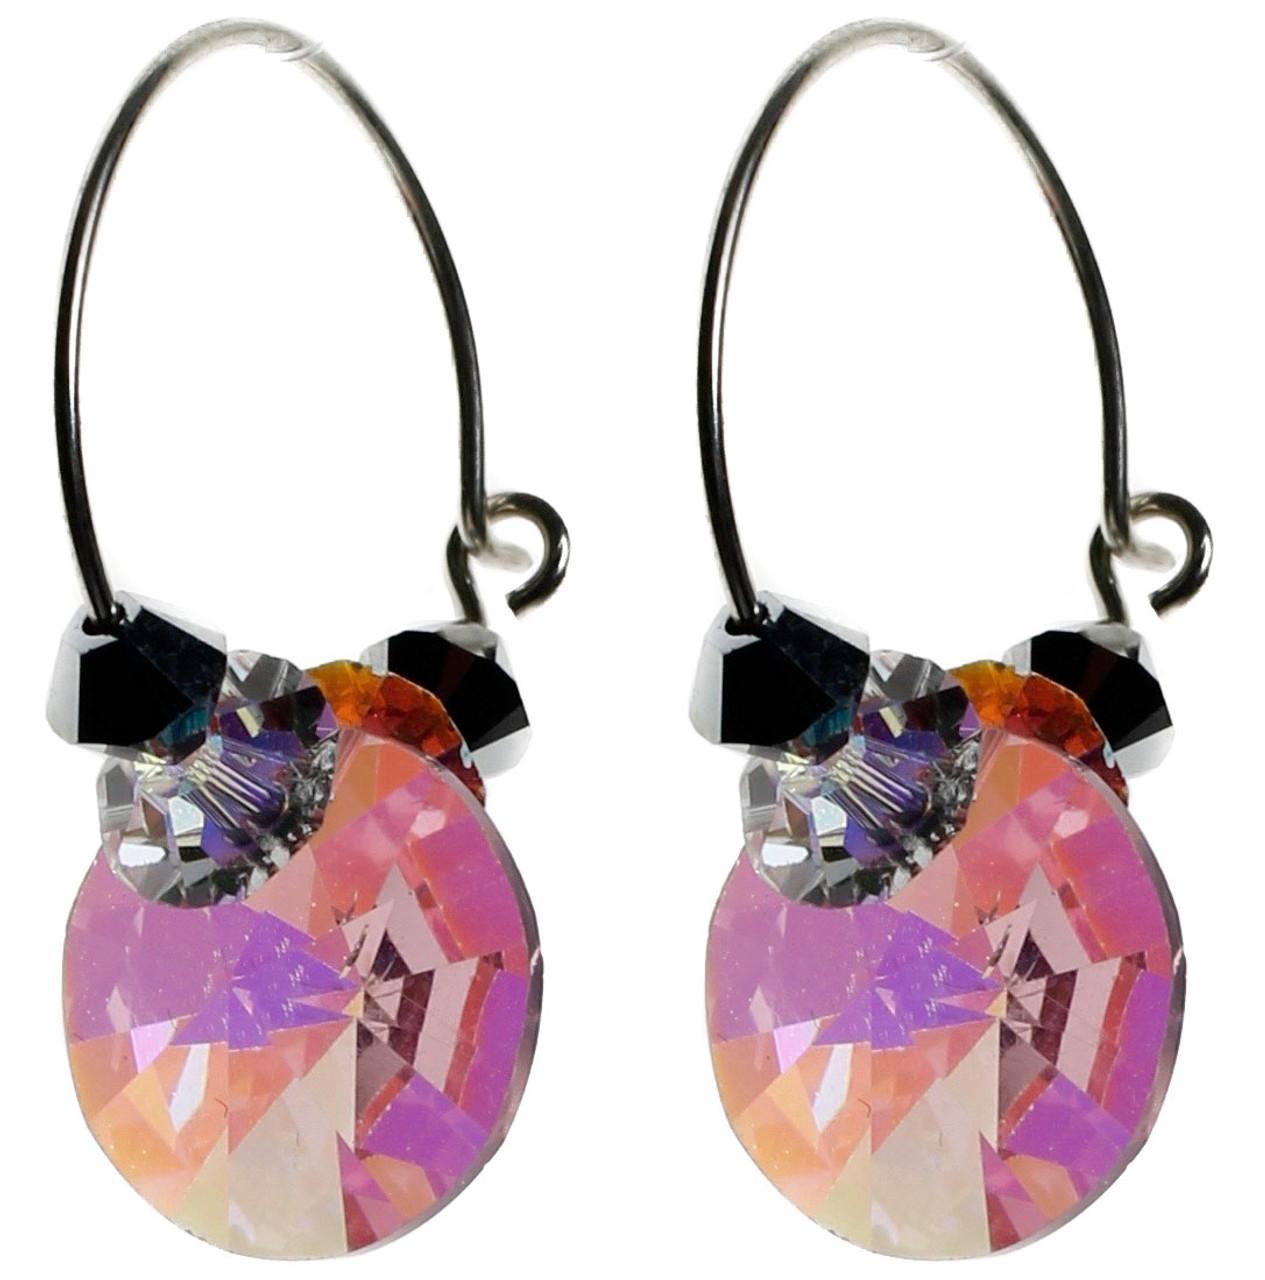 Vintage Pink Swarovski Crystal Earrings • Sterling Silver Hoop Earrings  with Crystal